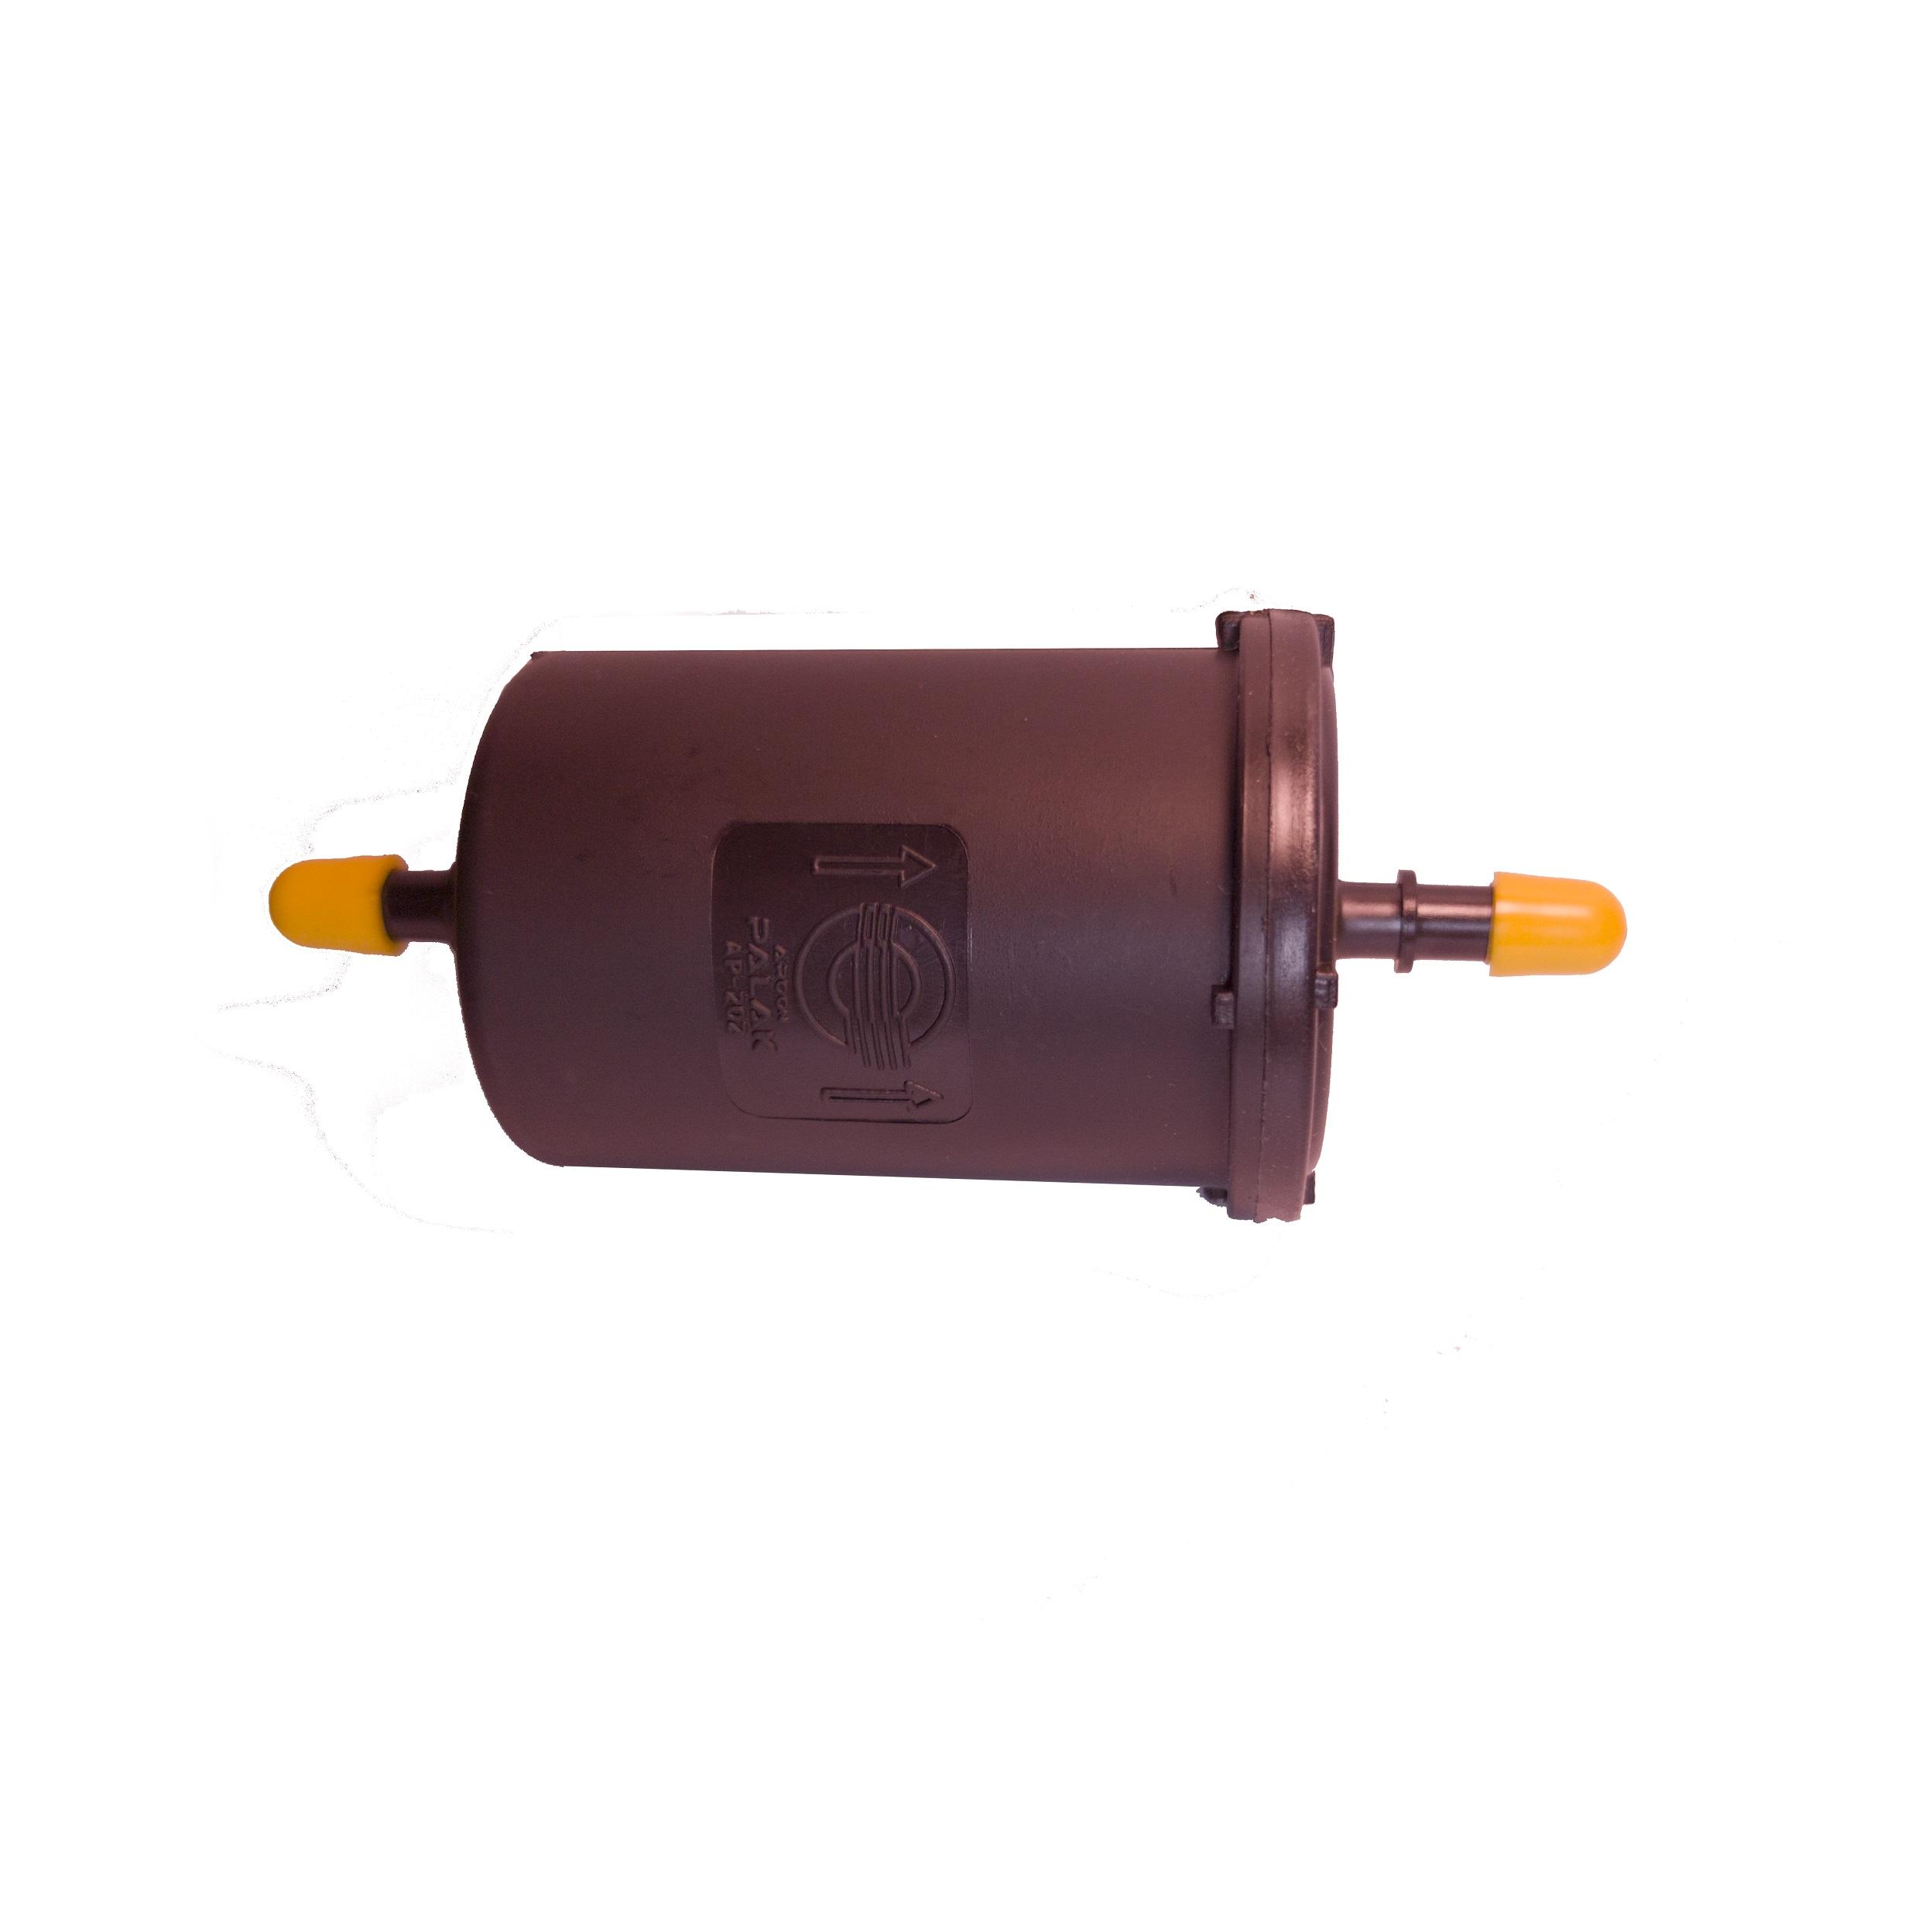 فیلتر بنزین آرون پالاک کد 202